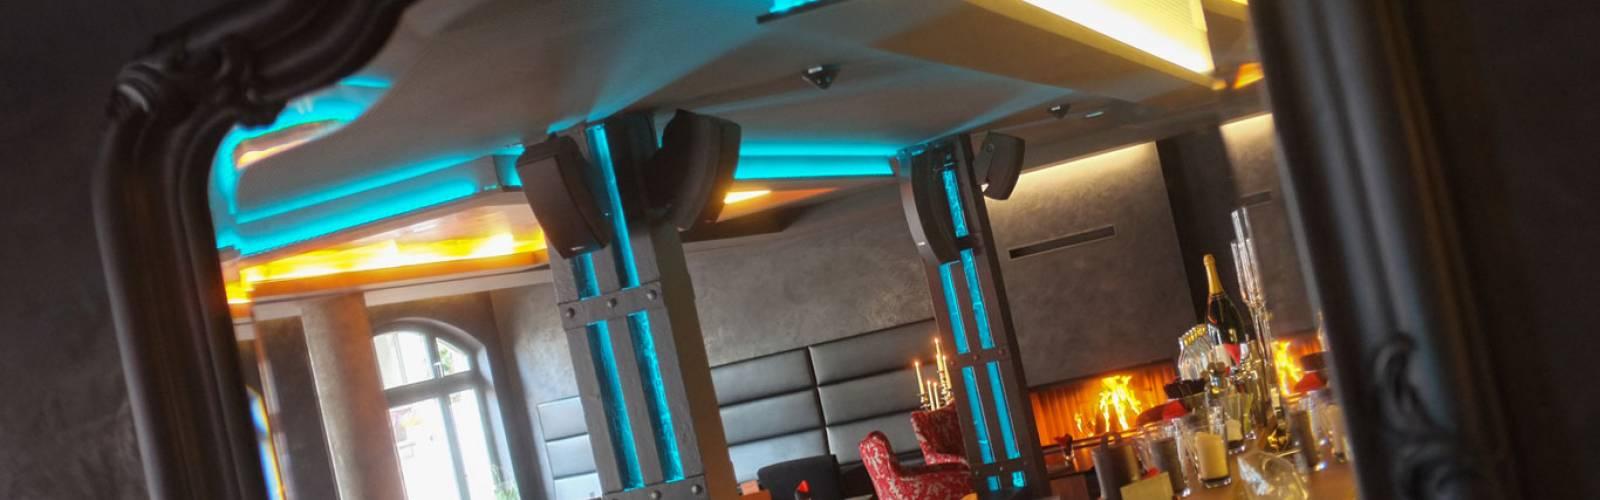 cabana lounge clervaux 01